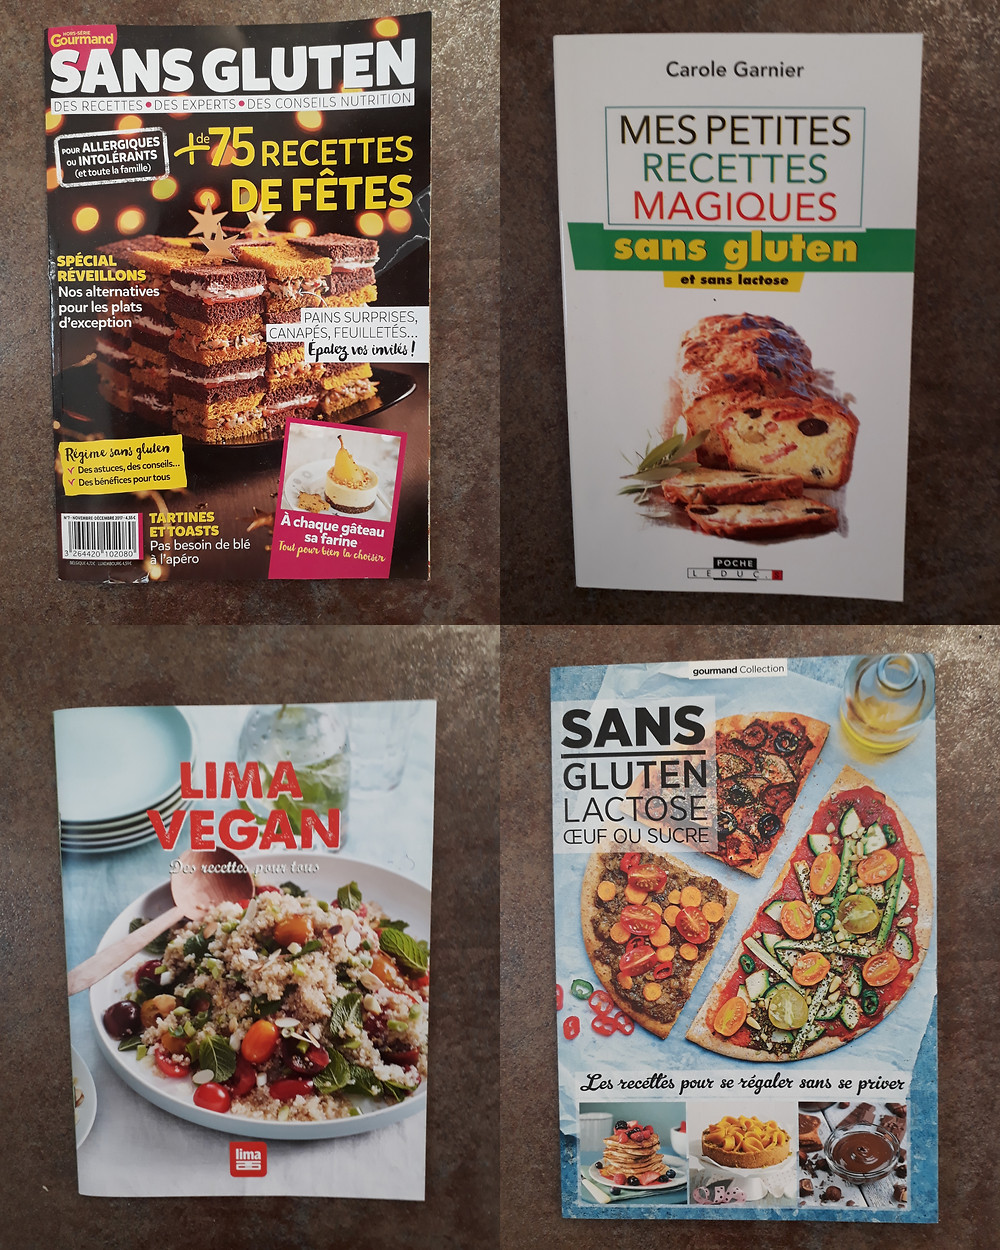 quatre couvertures de revues et livres de recettes sans gluten et sans lactose